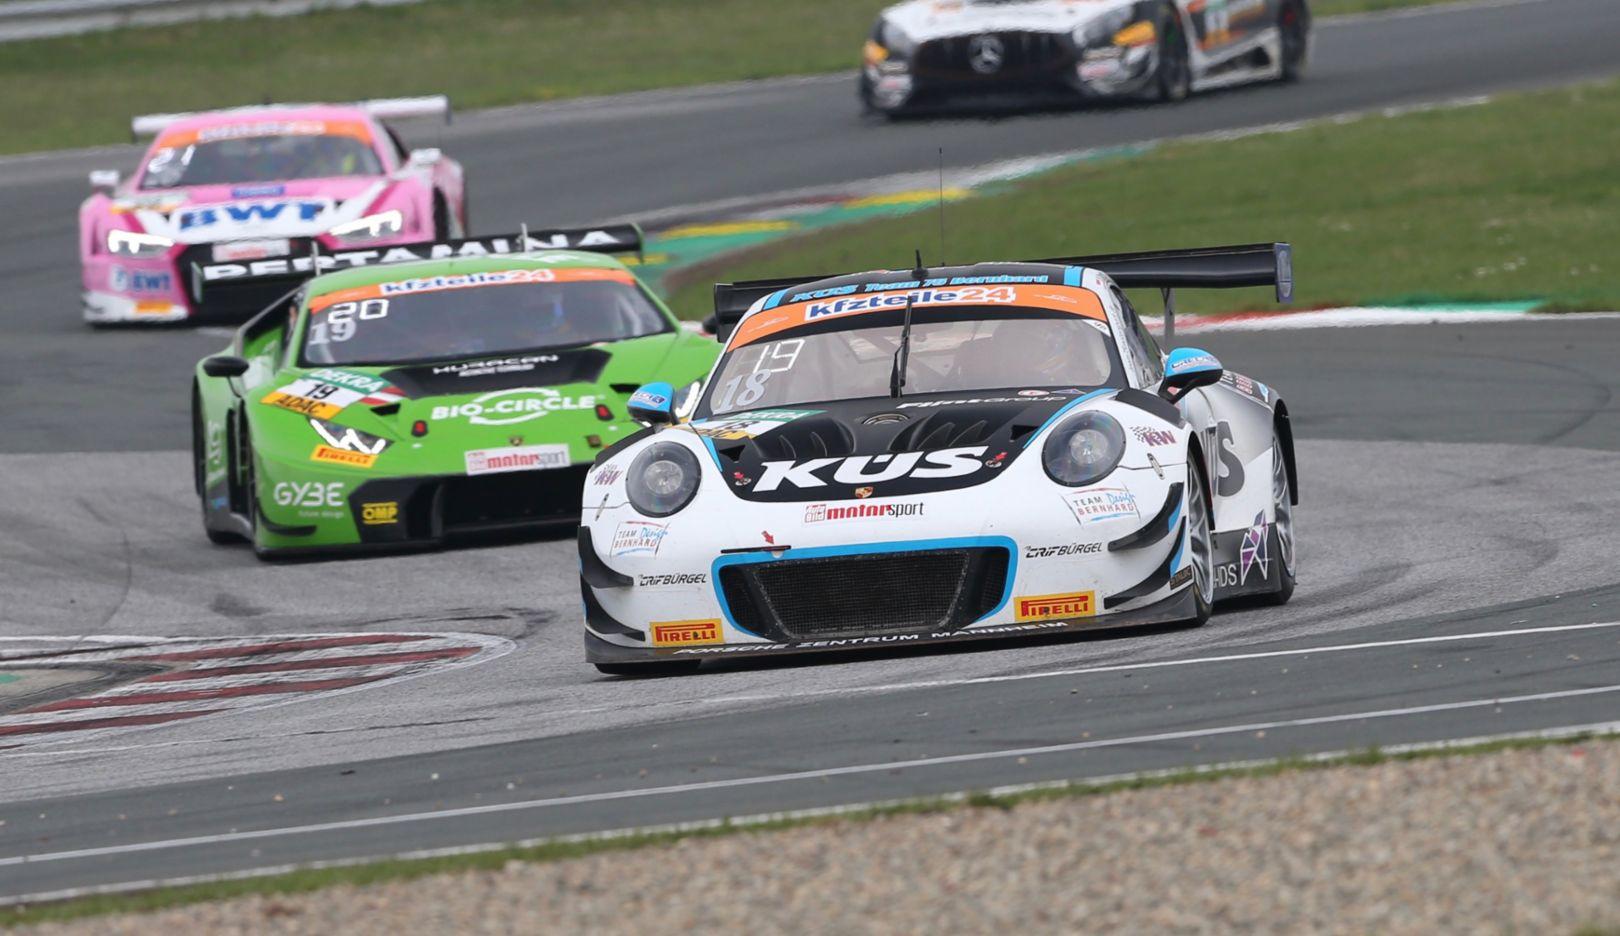 Porsche 911 GT3 R, ADAC GT Masters, Oschersleben, 2018, Porsche AG